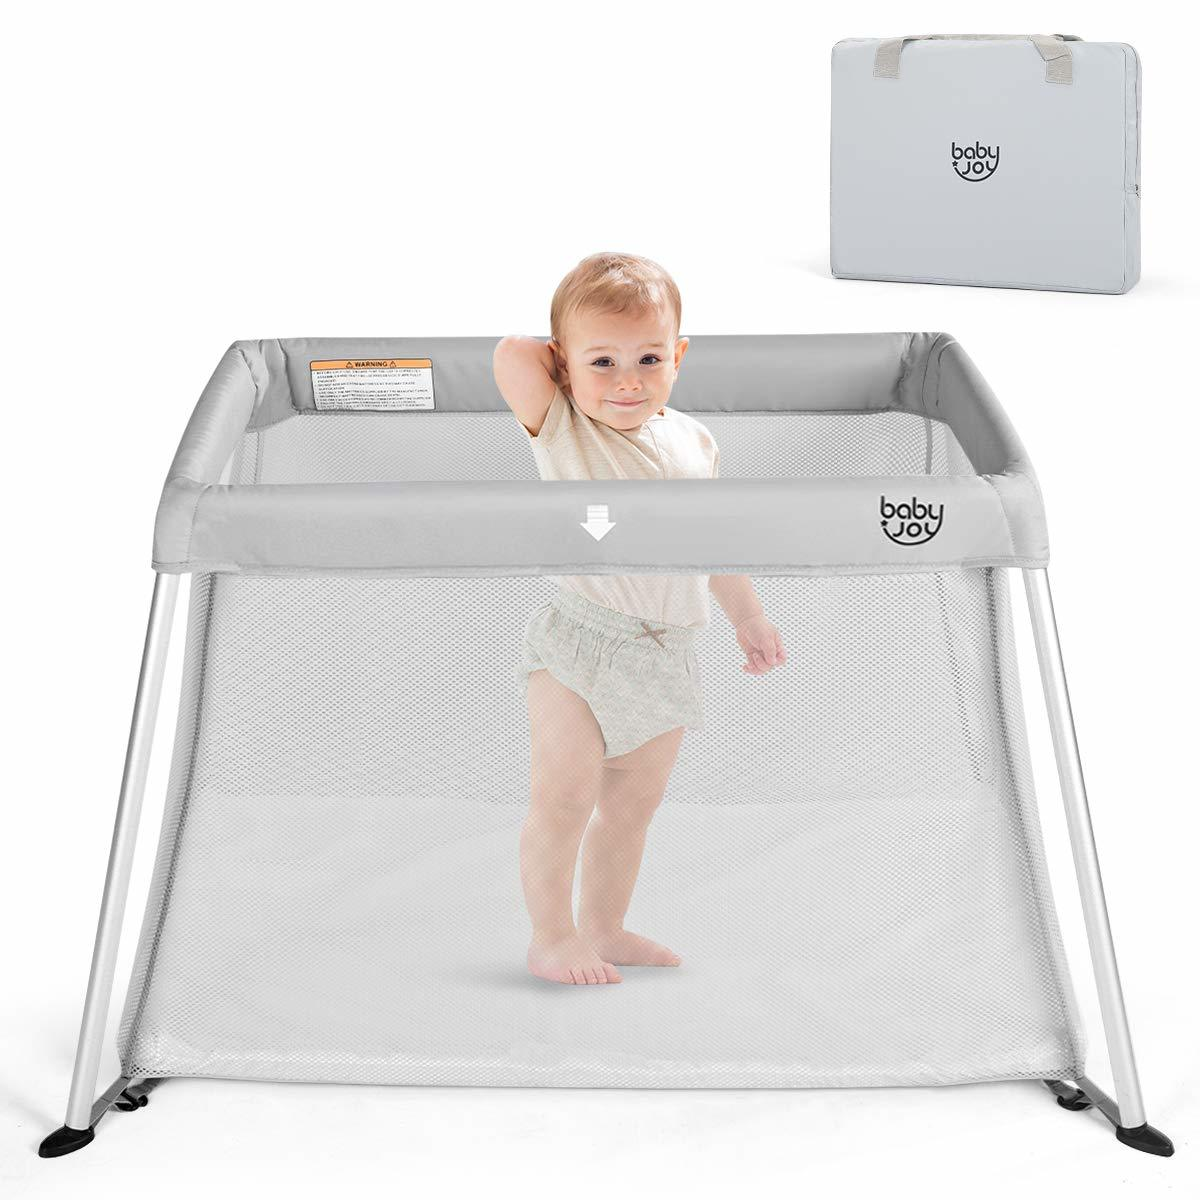 baby joy crib